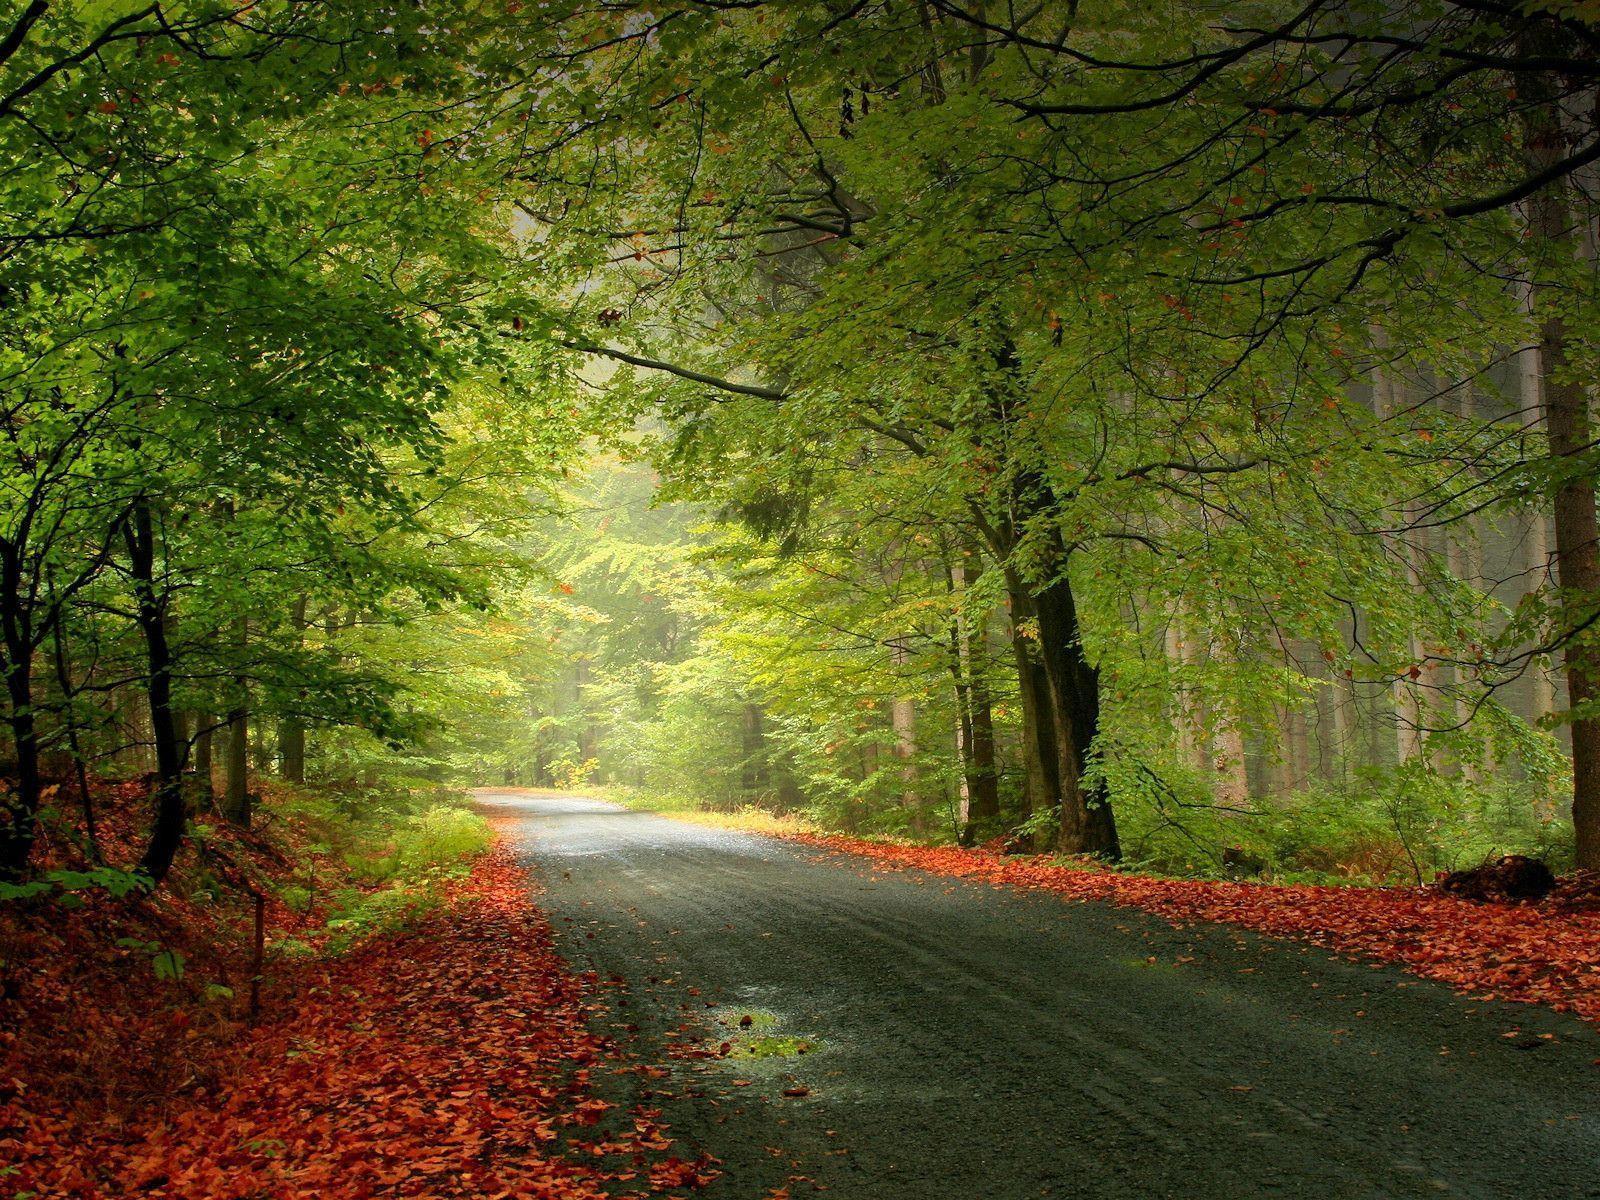 اروع صور من الطبيعة Best Nature Wallpapers Bsbd0Uu